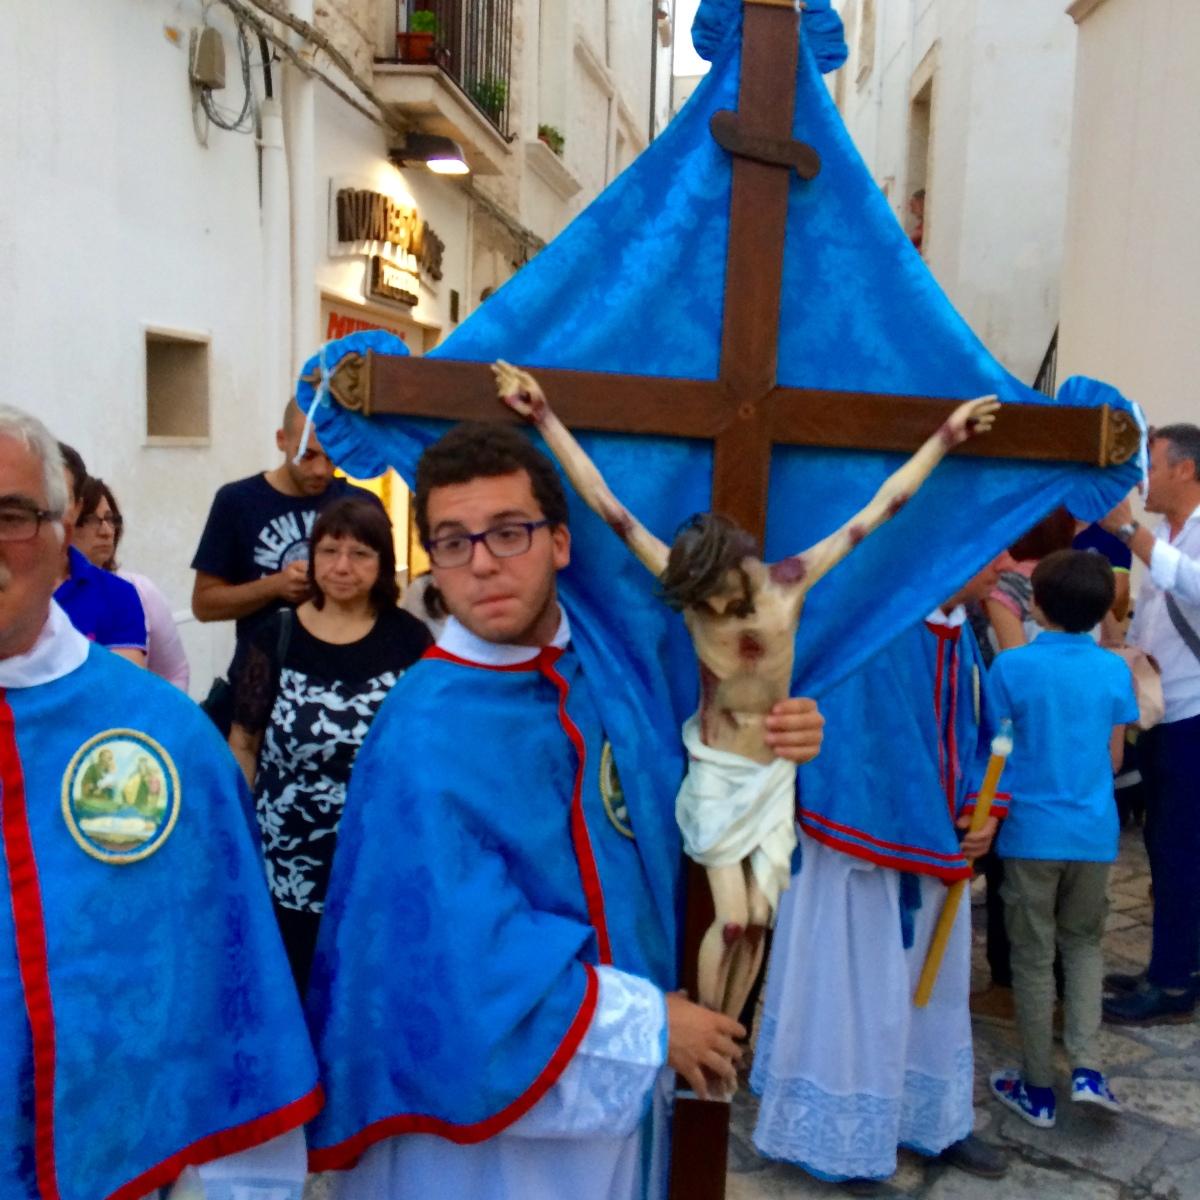 A Summer Religious Procession in Polignano a Mare, Italy